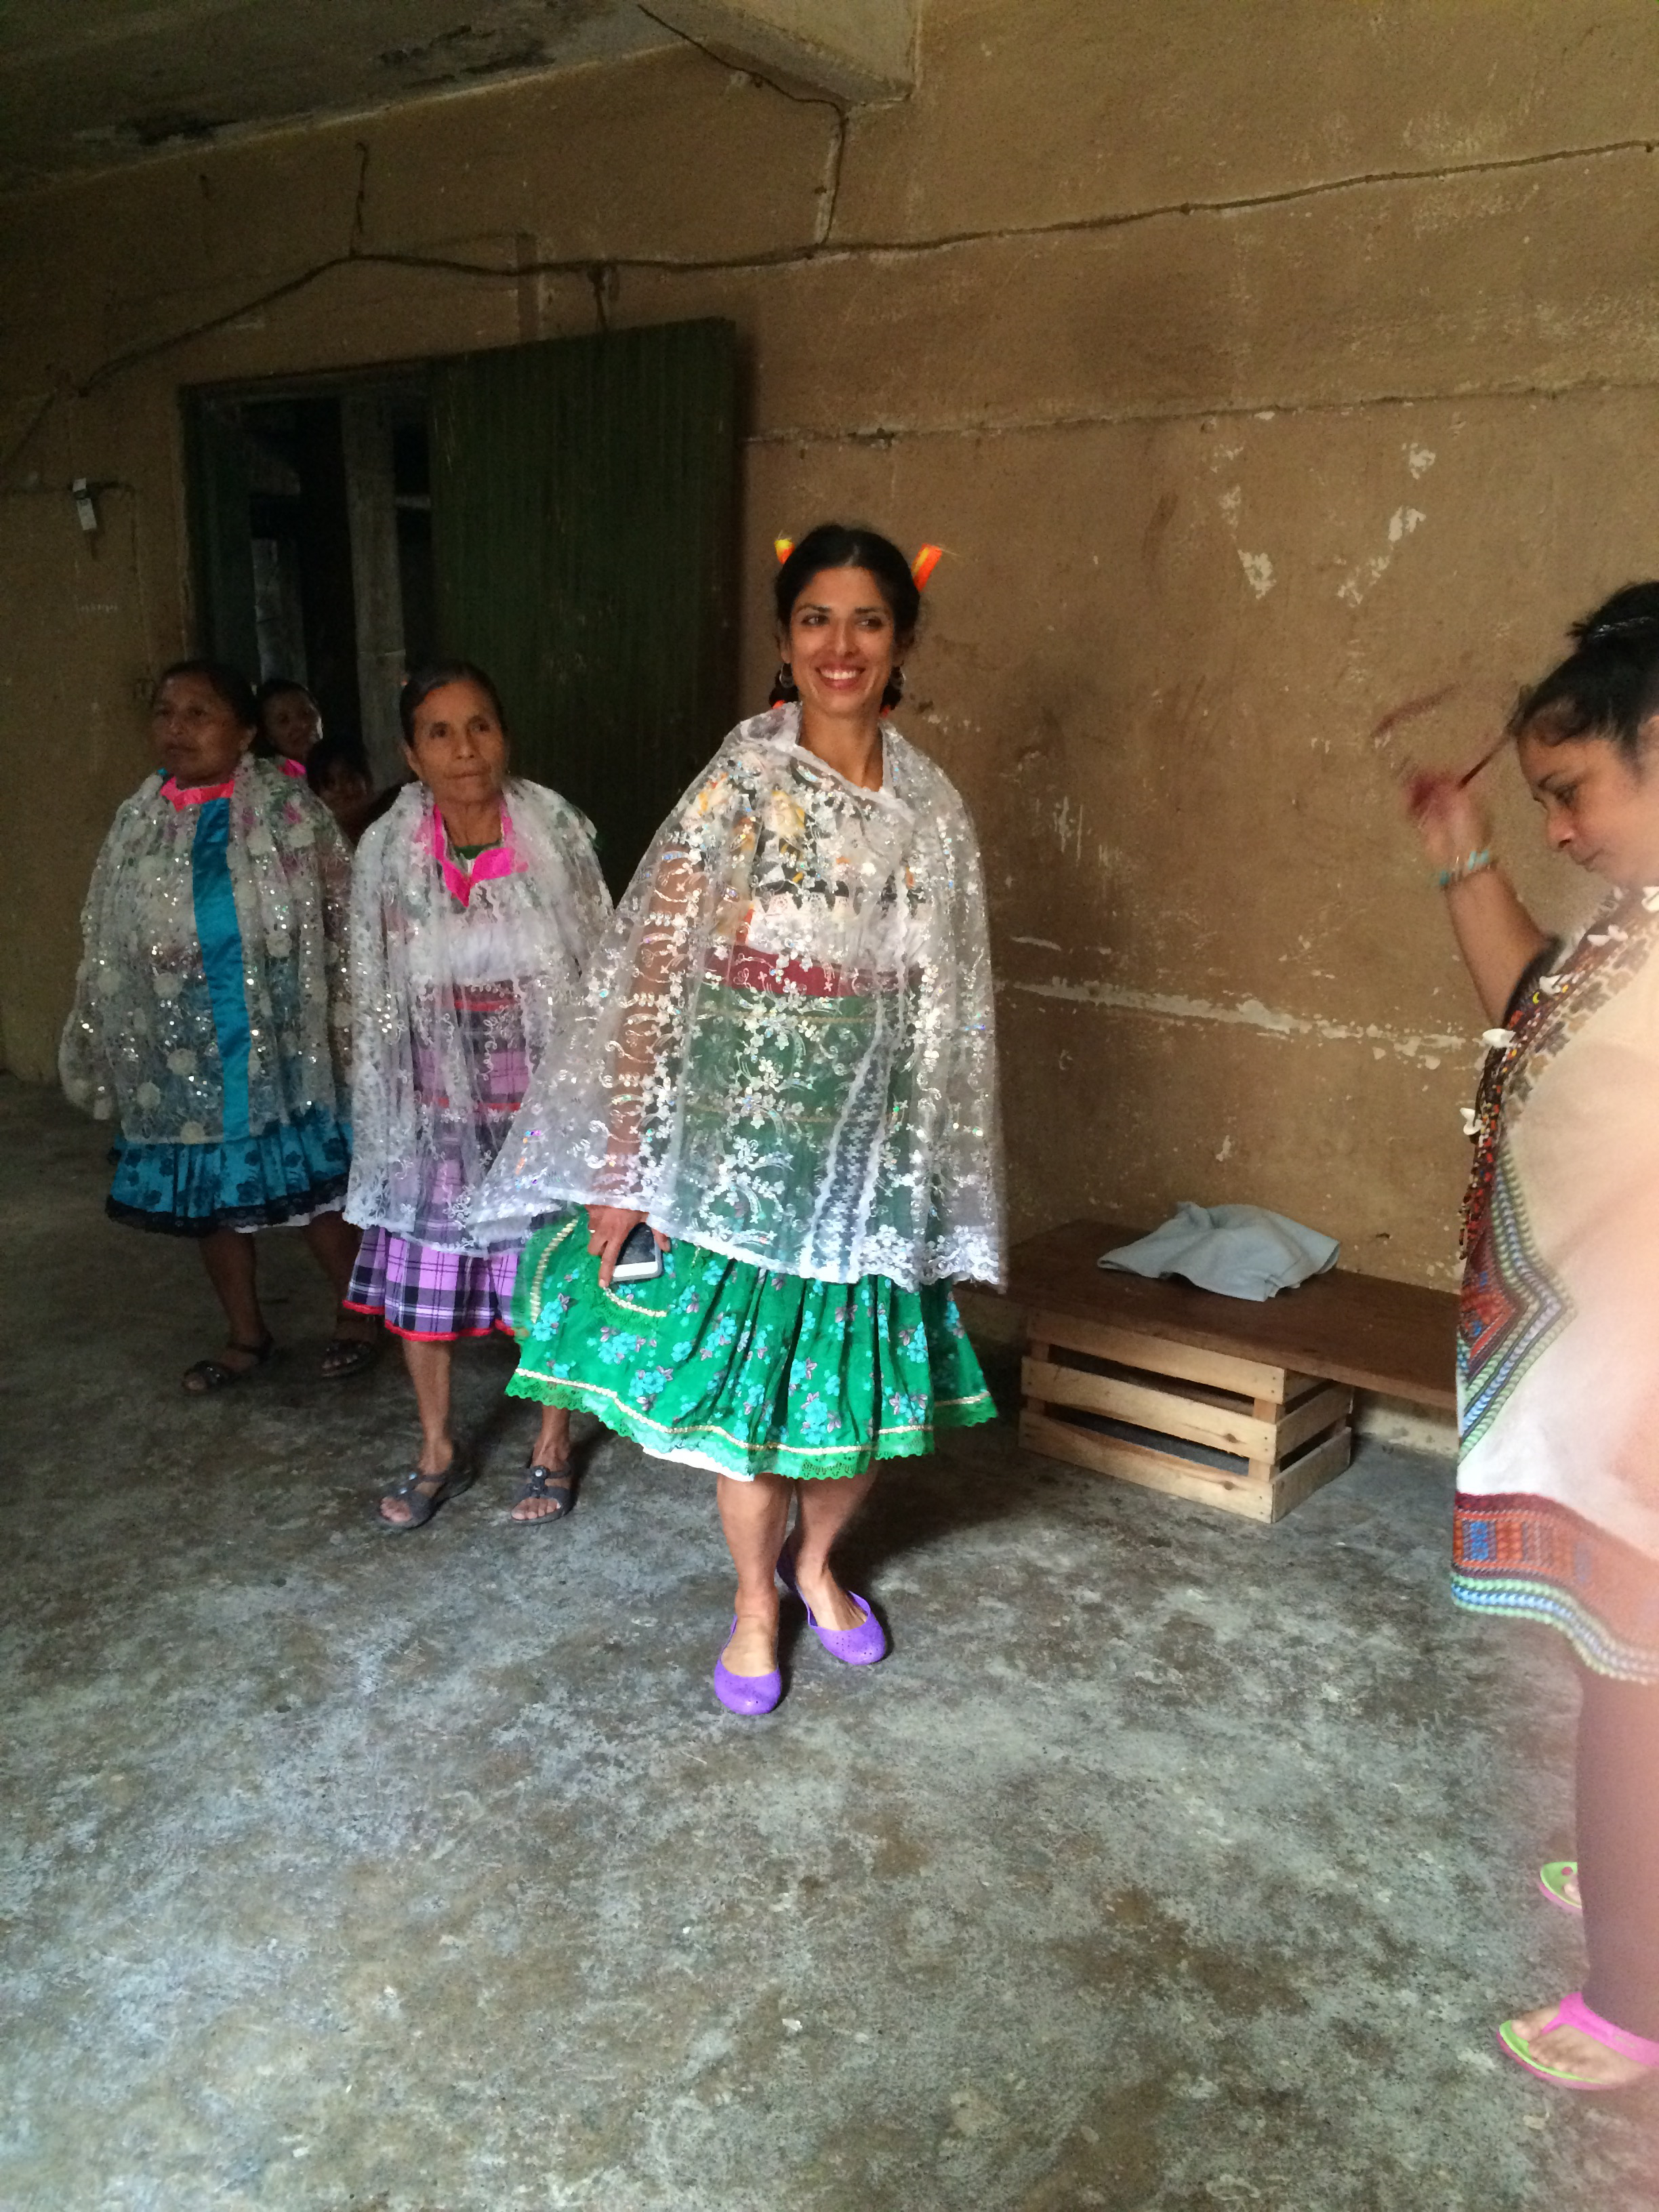 Katiushka vestida con uno de los trajes típicos de las mujeres Totonacas. Filomeno Mata, Mayo 2015.